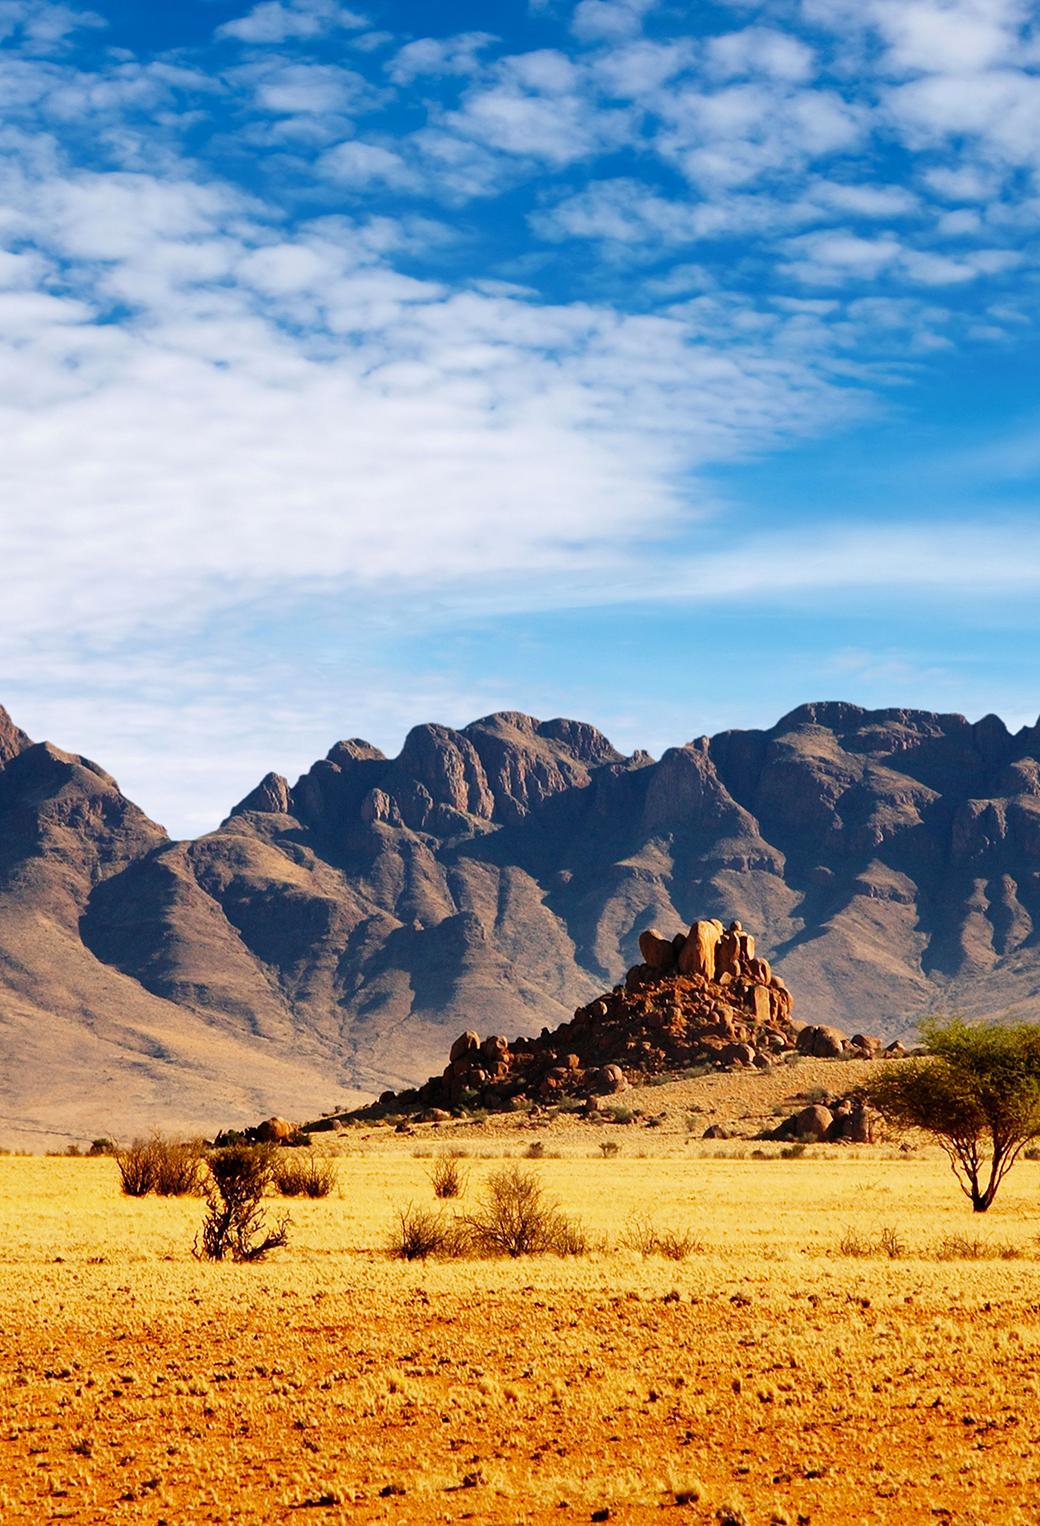 Desert Mountain 3Wallpapers iPhone Parallax Desert Mountain